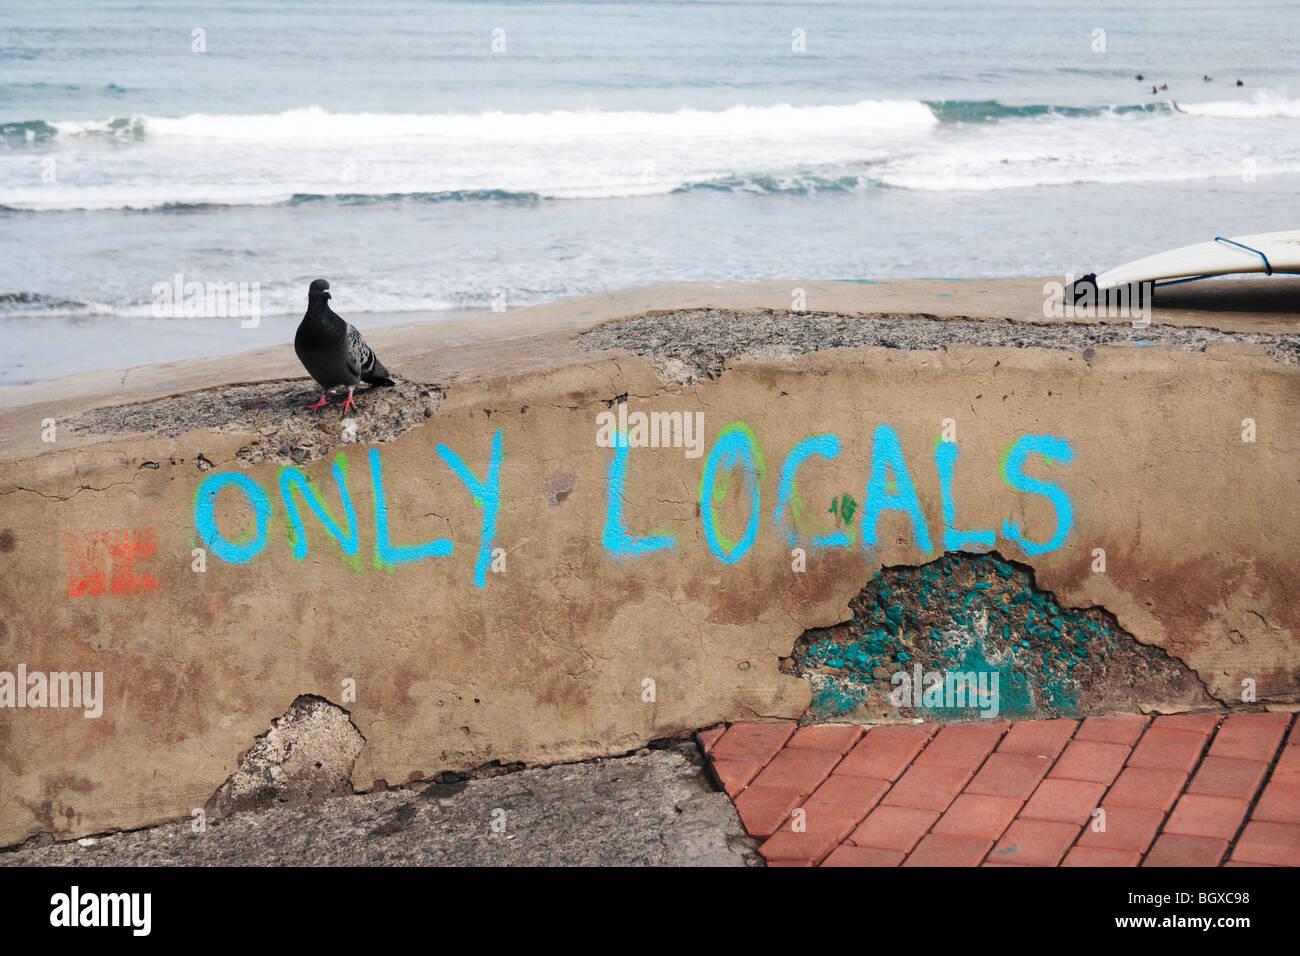 """""""Nur die Einheimischen"""" an Wand am Surf Break mit Tauben sitzen auf Wand gemalt Stockbild"""